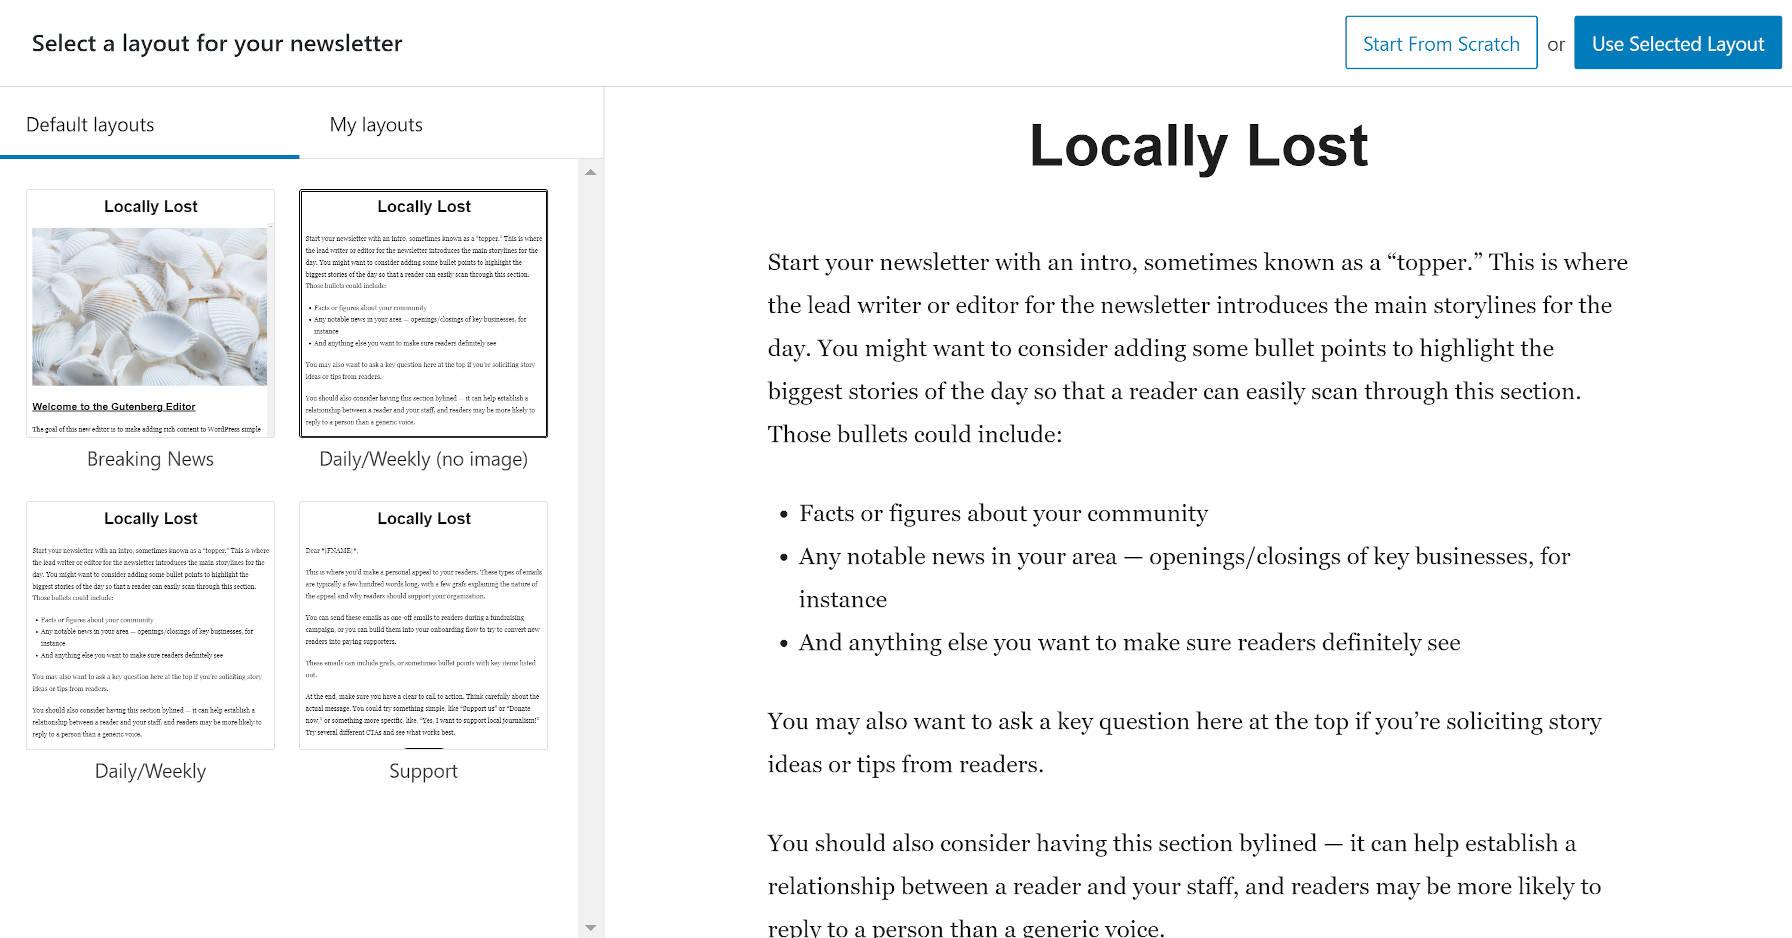 Selecionando um layout no Newspack Newsletters adiciona uma nova tela.